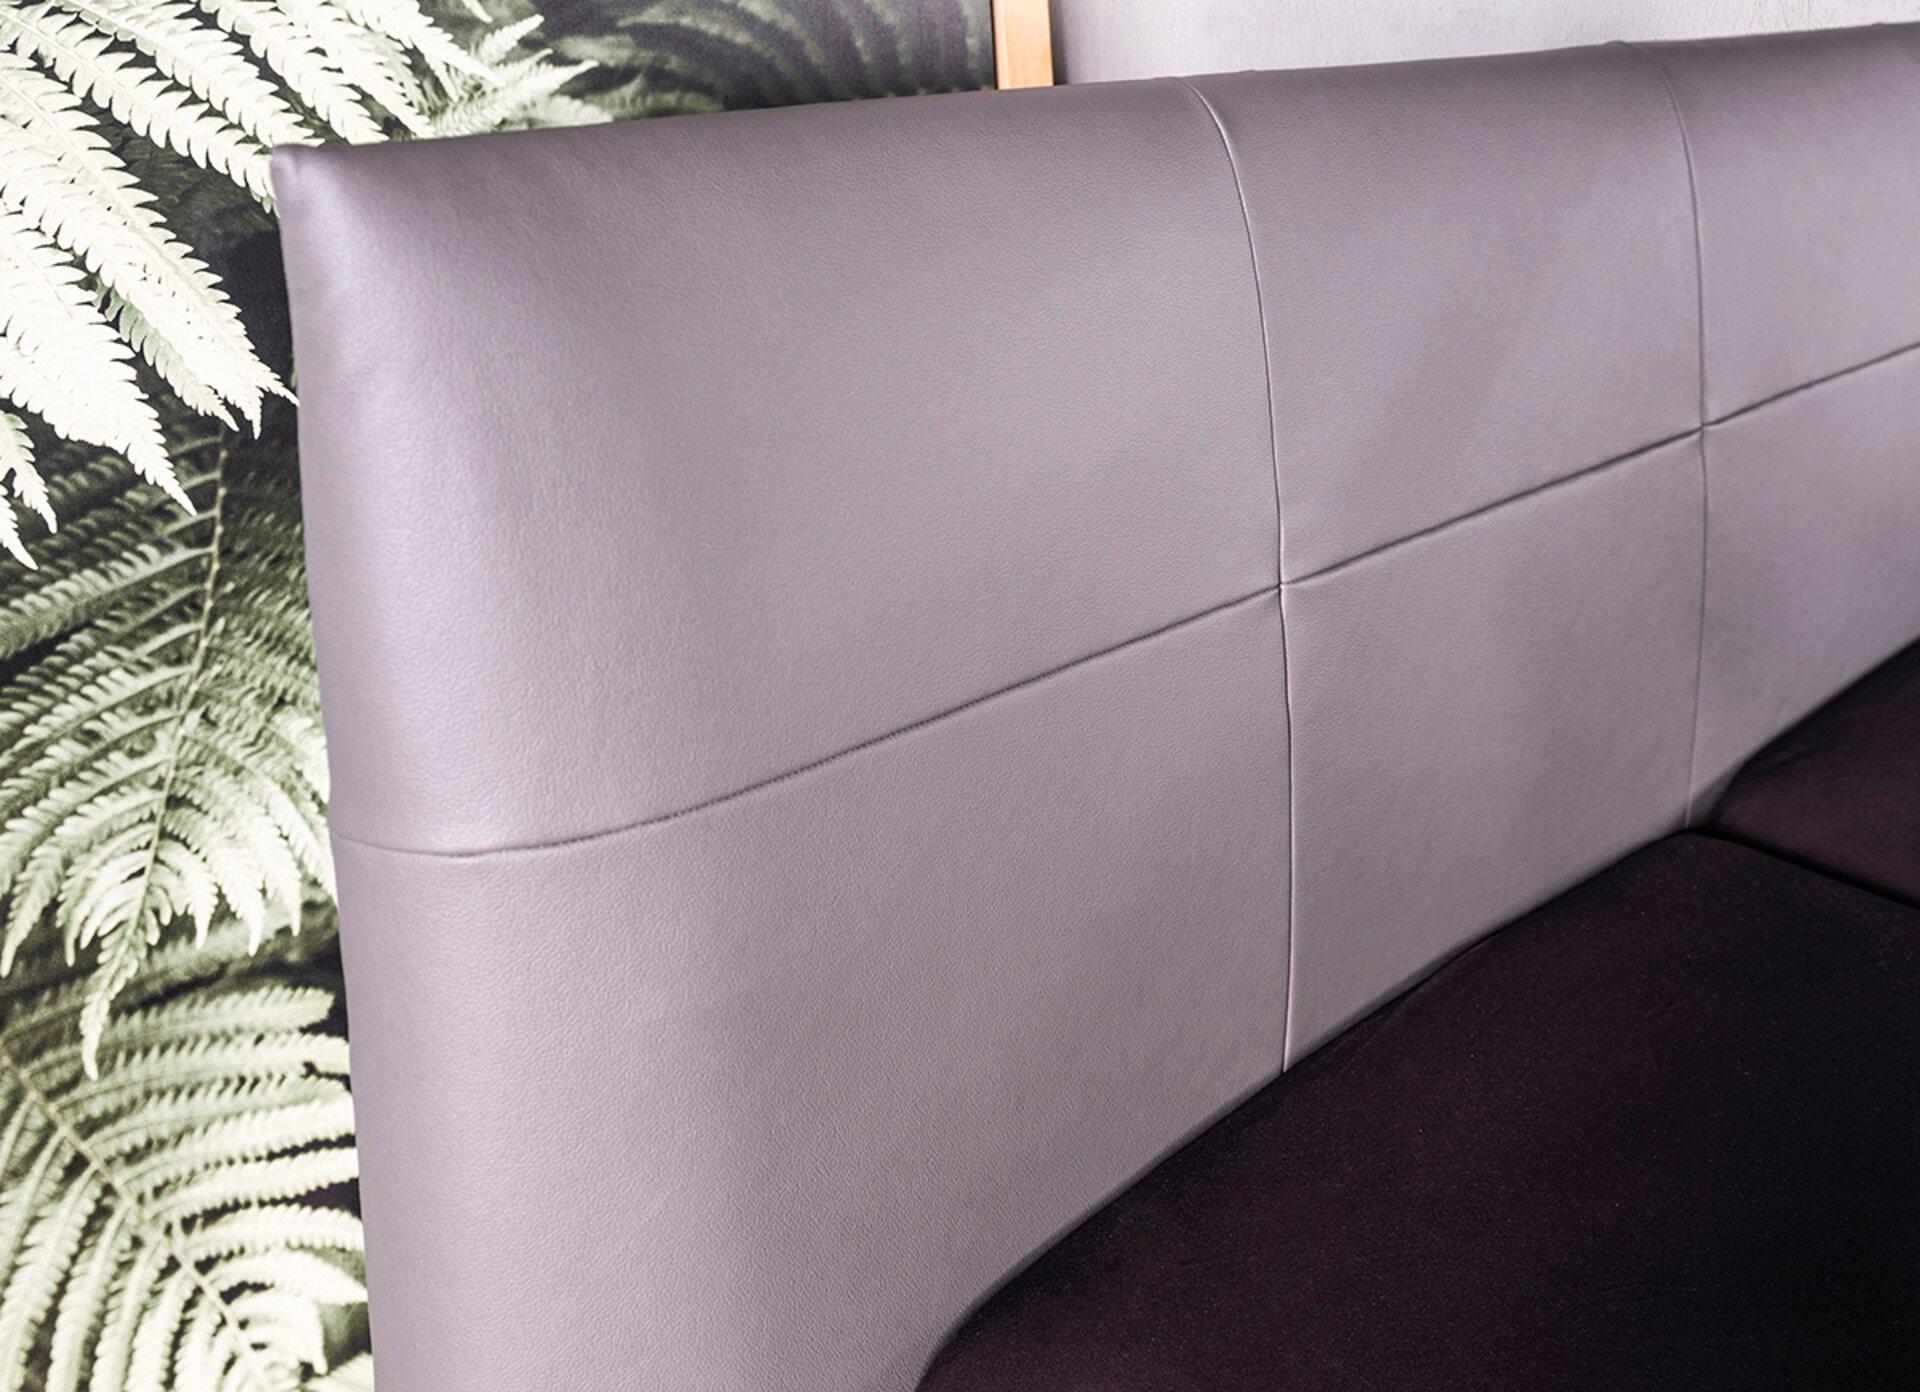 Polsterbett VIDETTE Vito Textil 2 x 1 x 2 cm